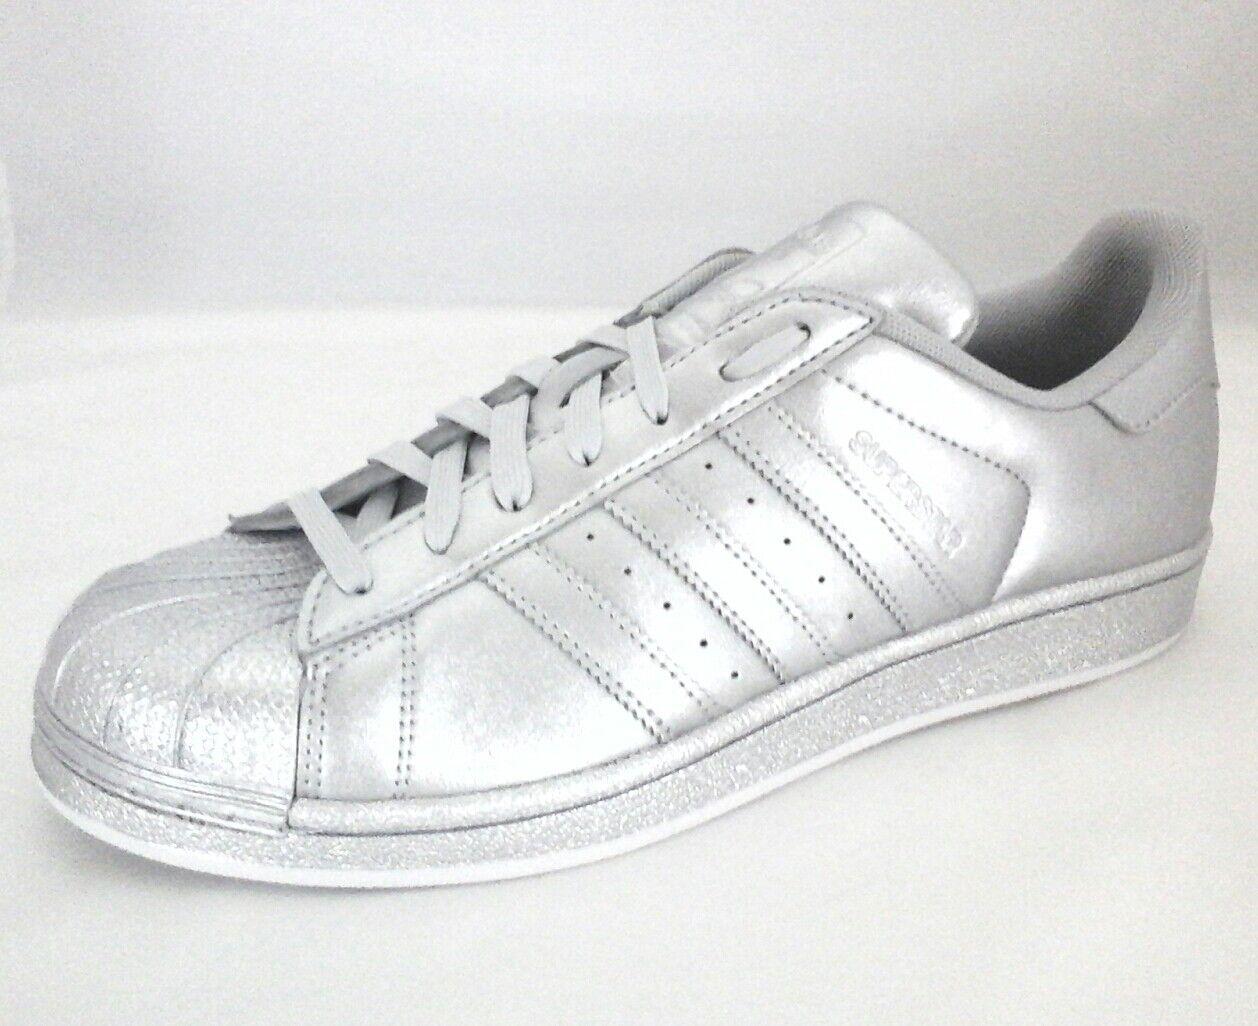 ADIDAS ORIGINALS SUPERSTAR Clamshell RARE Schuhes Damenschuhe EU SILVER BB8139 US 8 EU Damenschuhe 40 dddce7